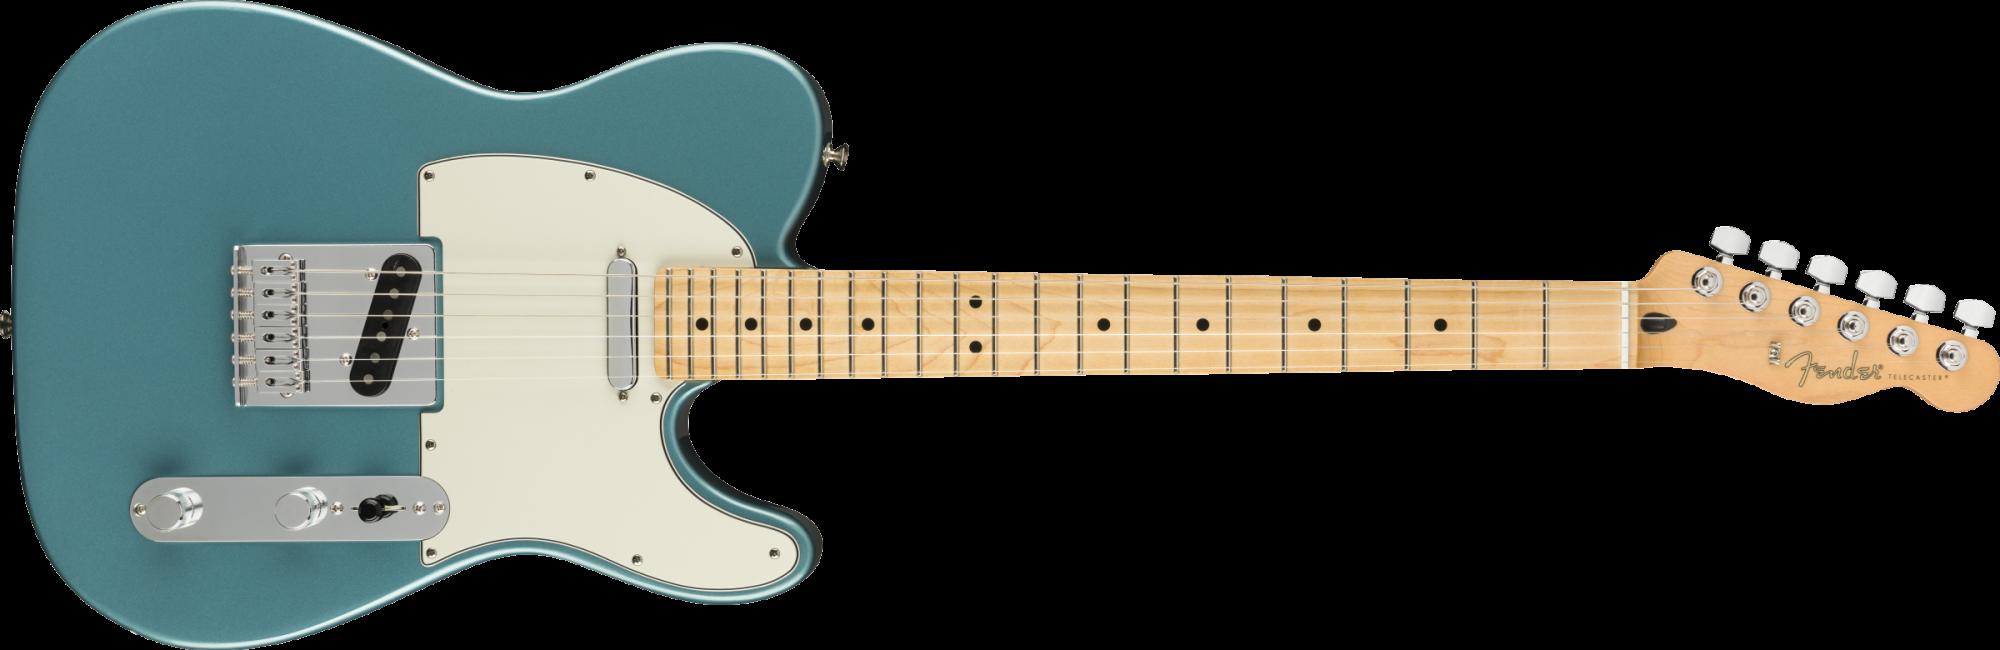 Fender Player Telecaster, Maple Neck